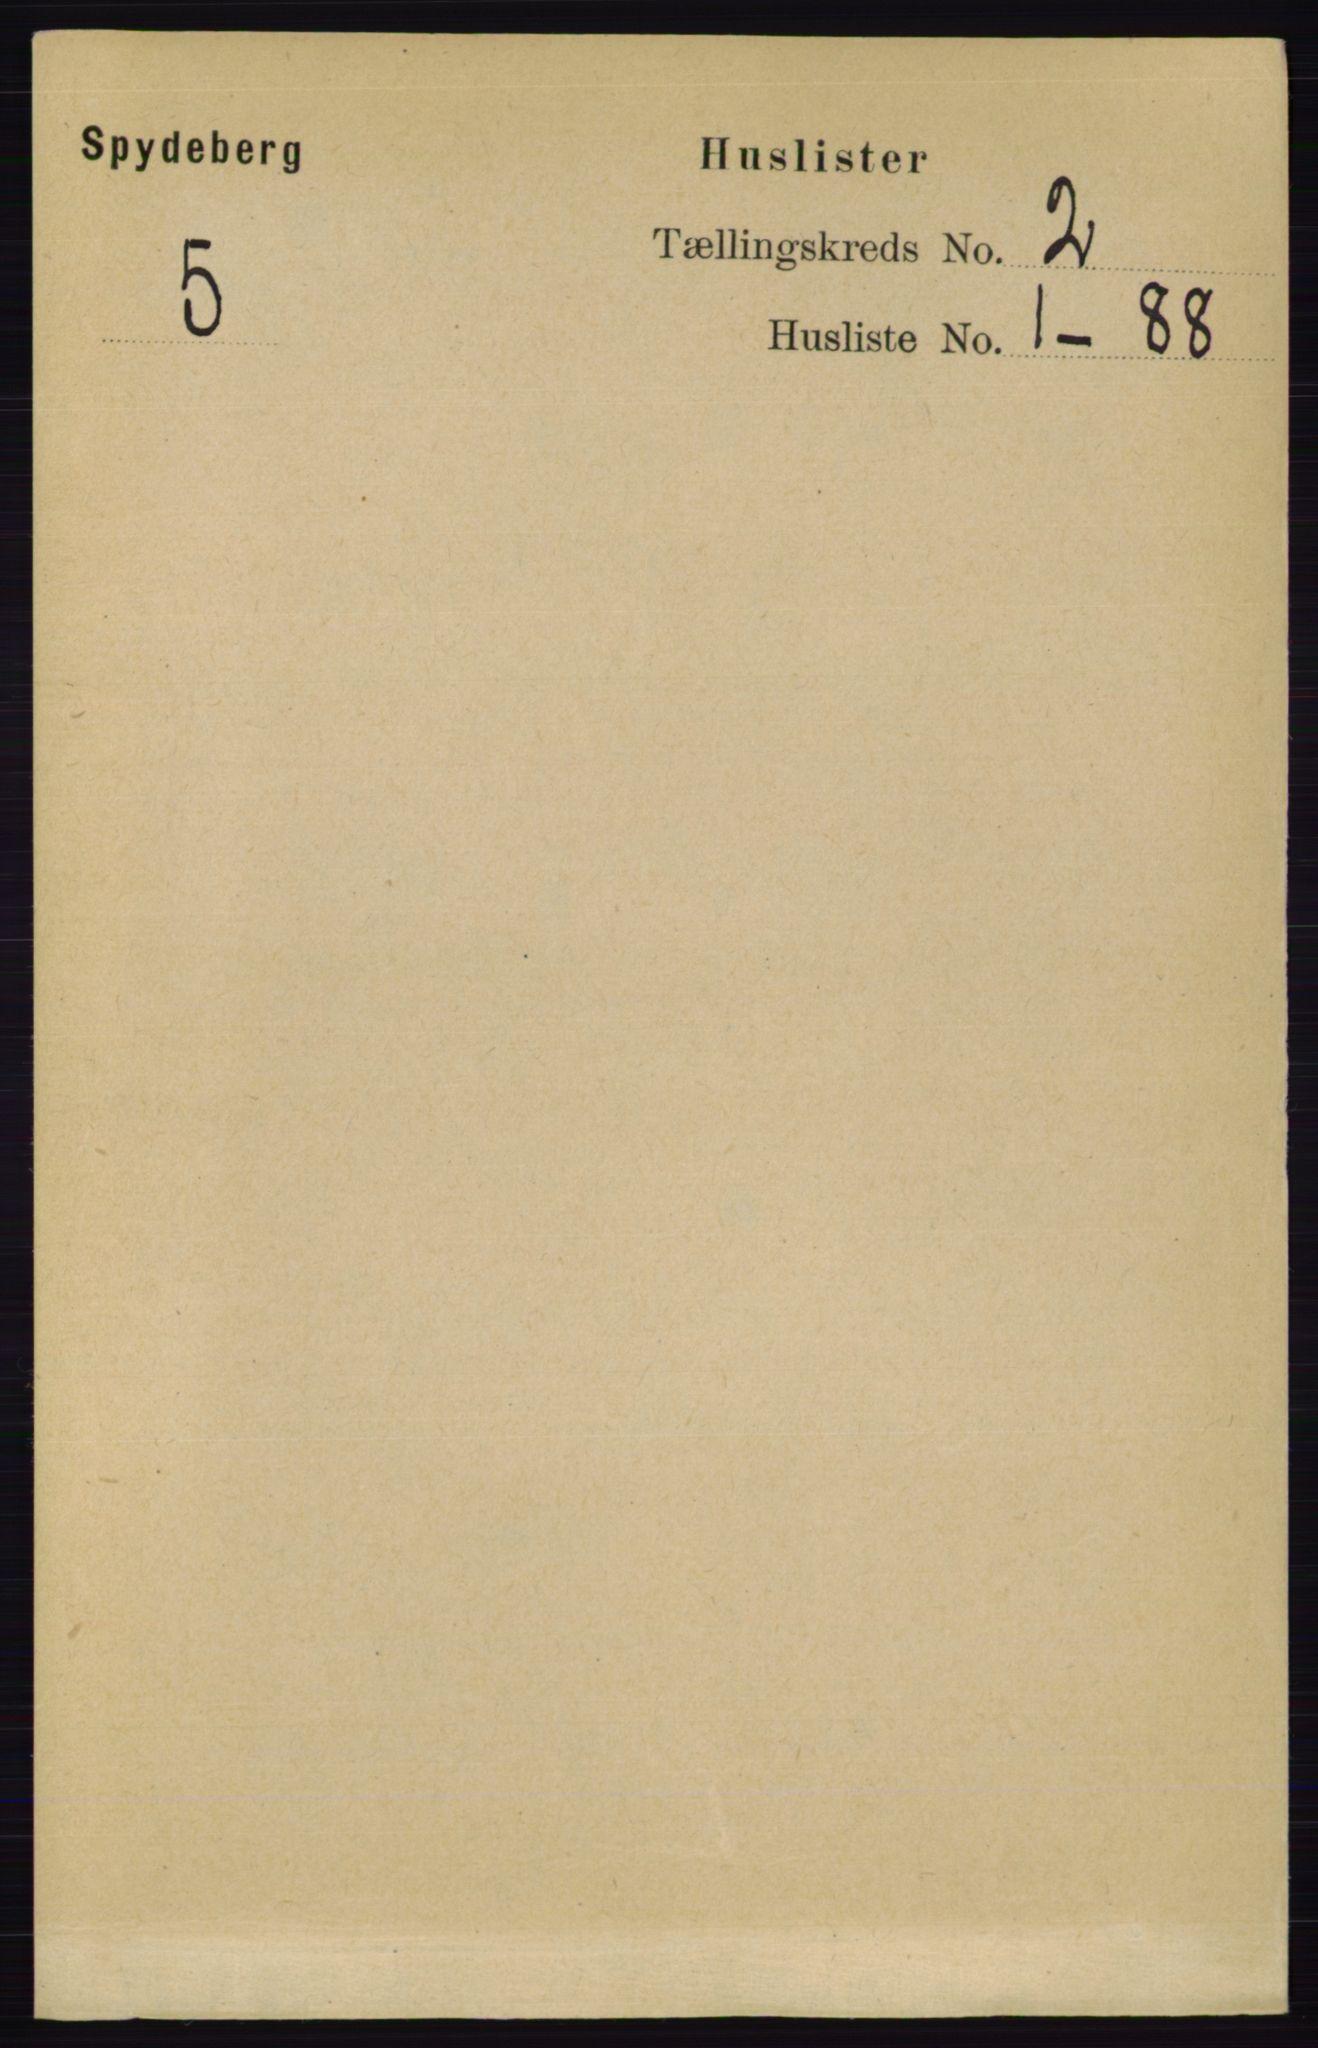 RA, Folketelling 1891 for 0123 Spydeberg herred, 1891, s. 605